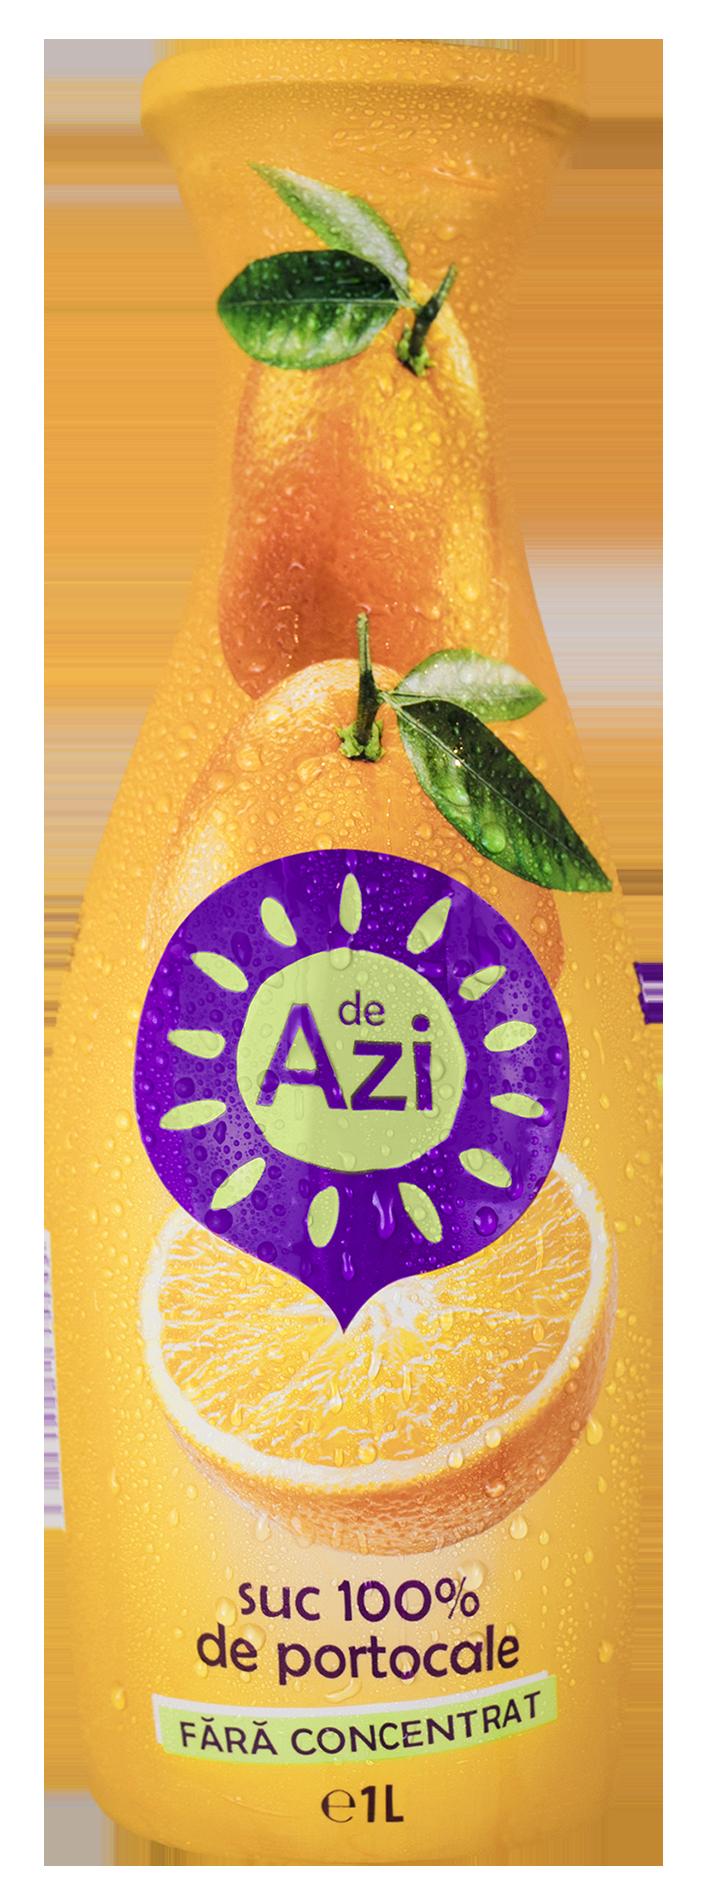 Suc de portocale 100%